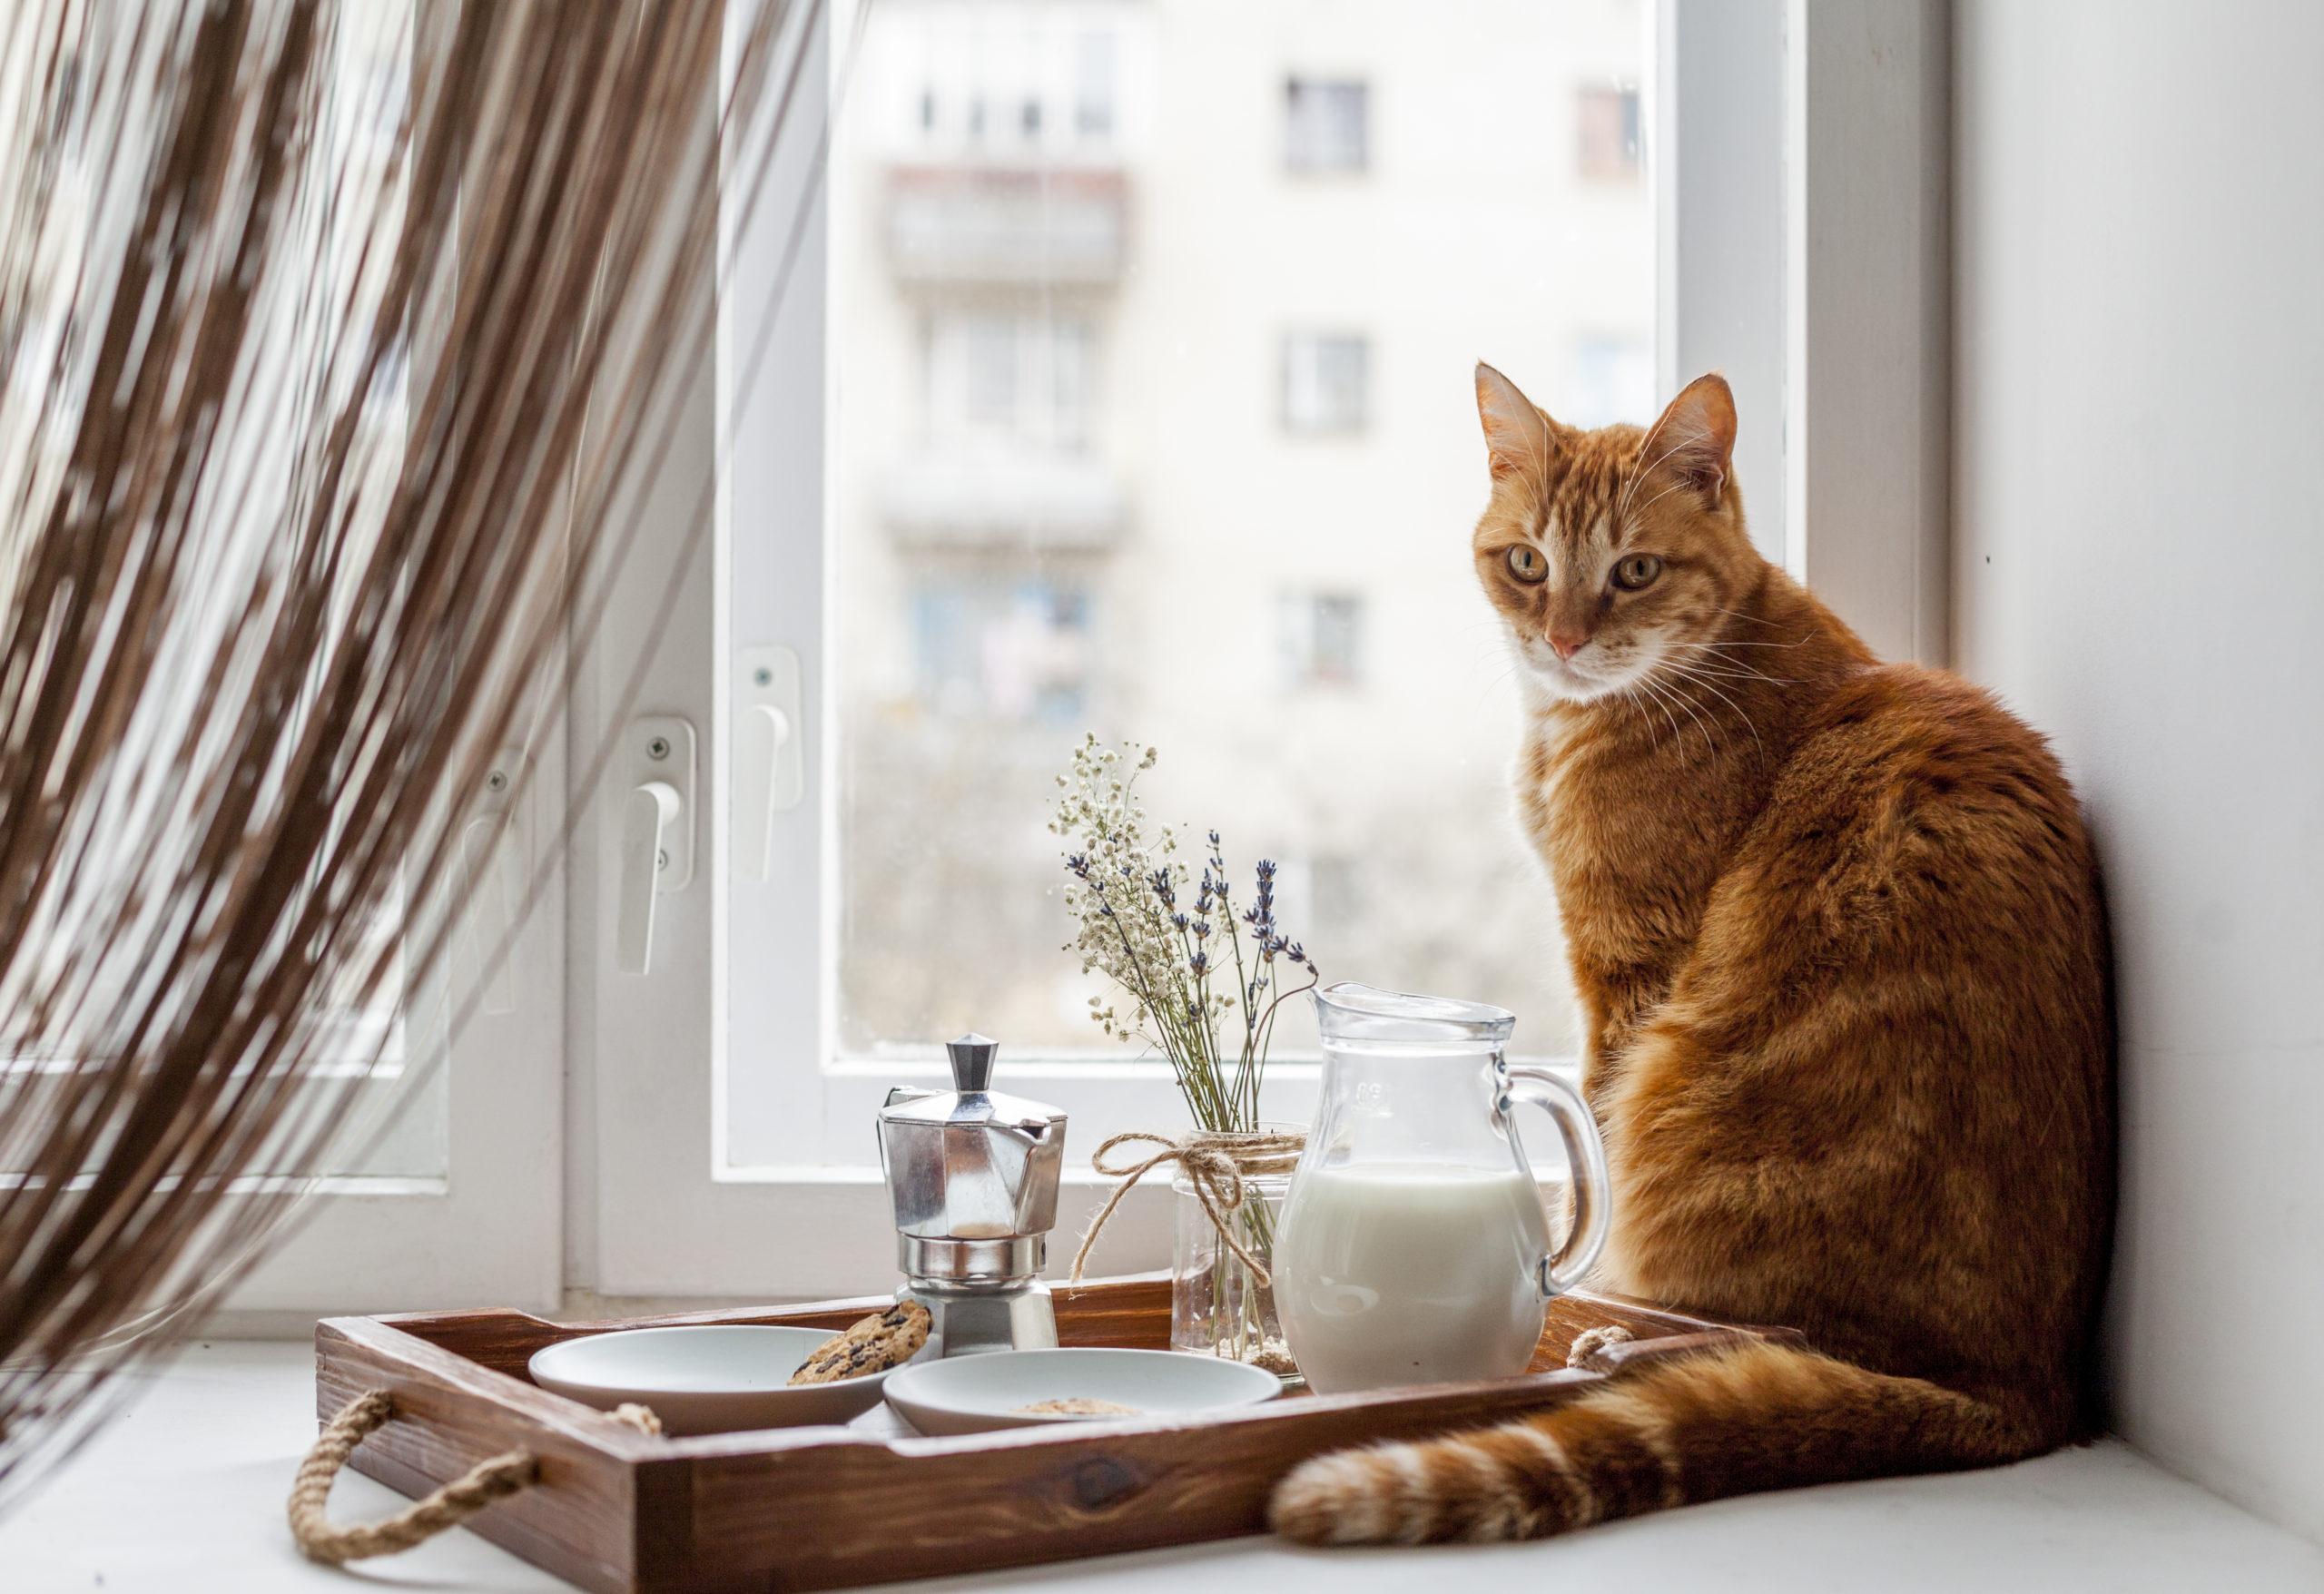 猫がご飯を食べない時の工夫とは?【自宅で出来る5つの工夫】